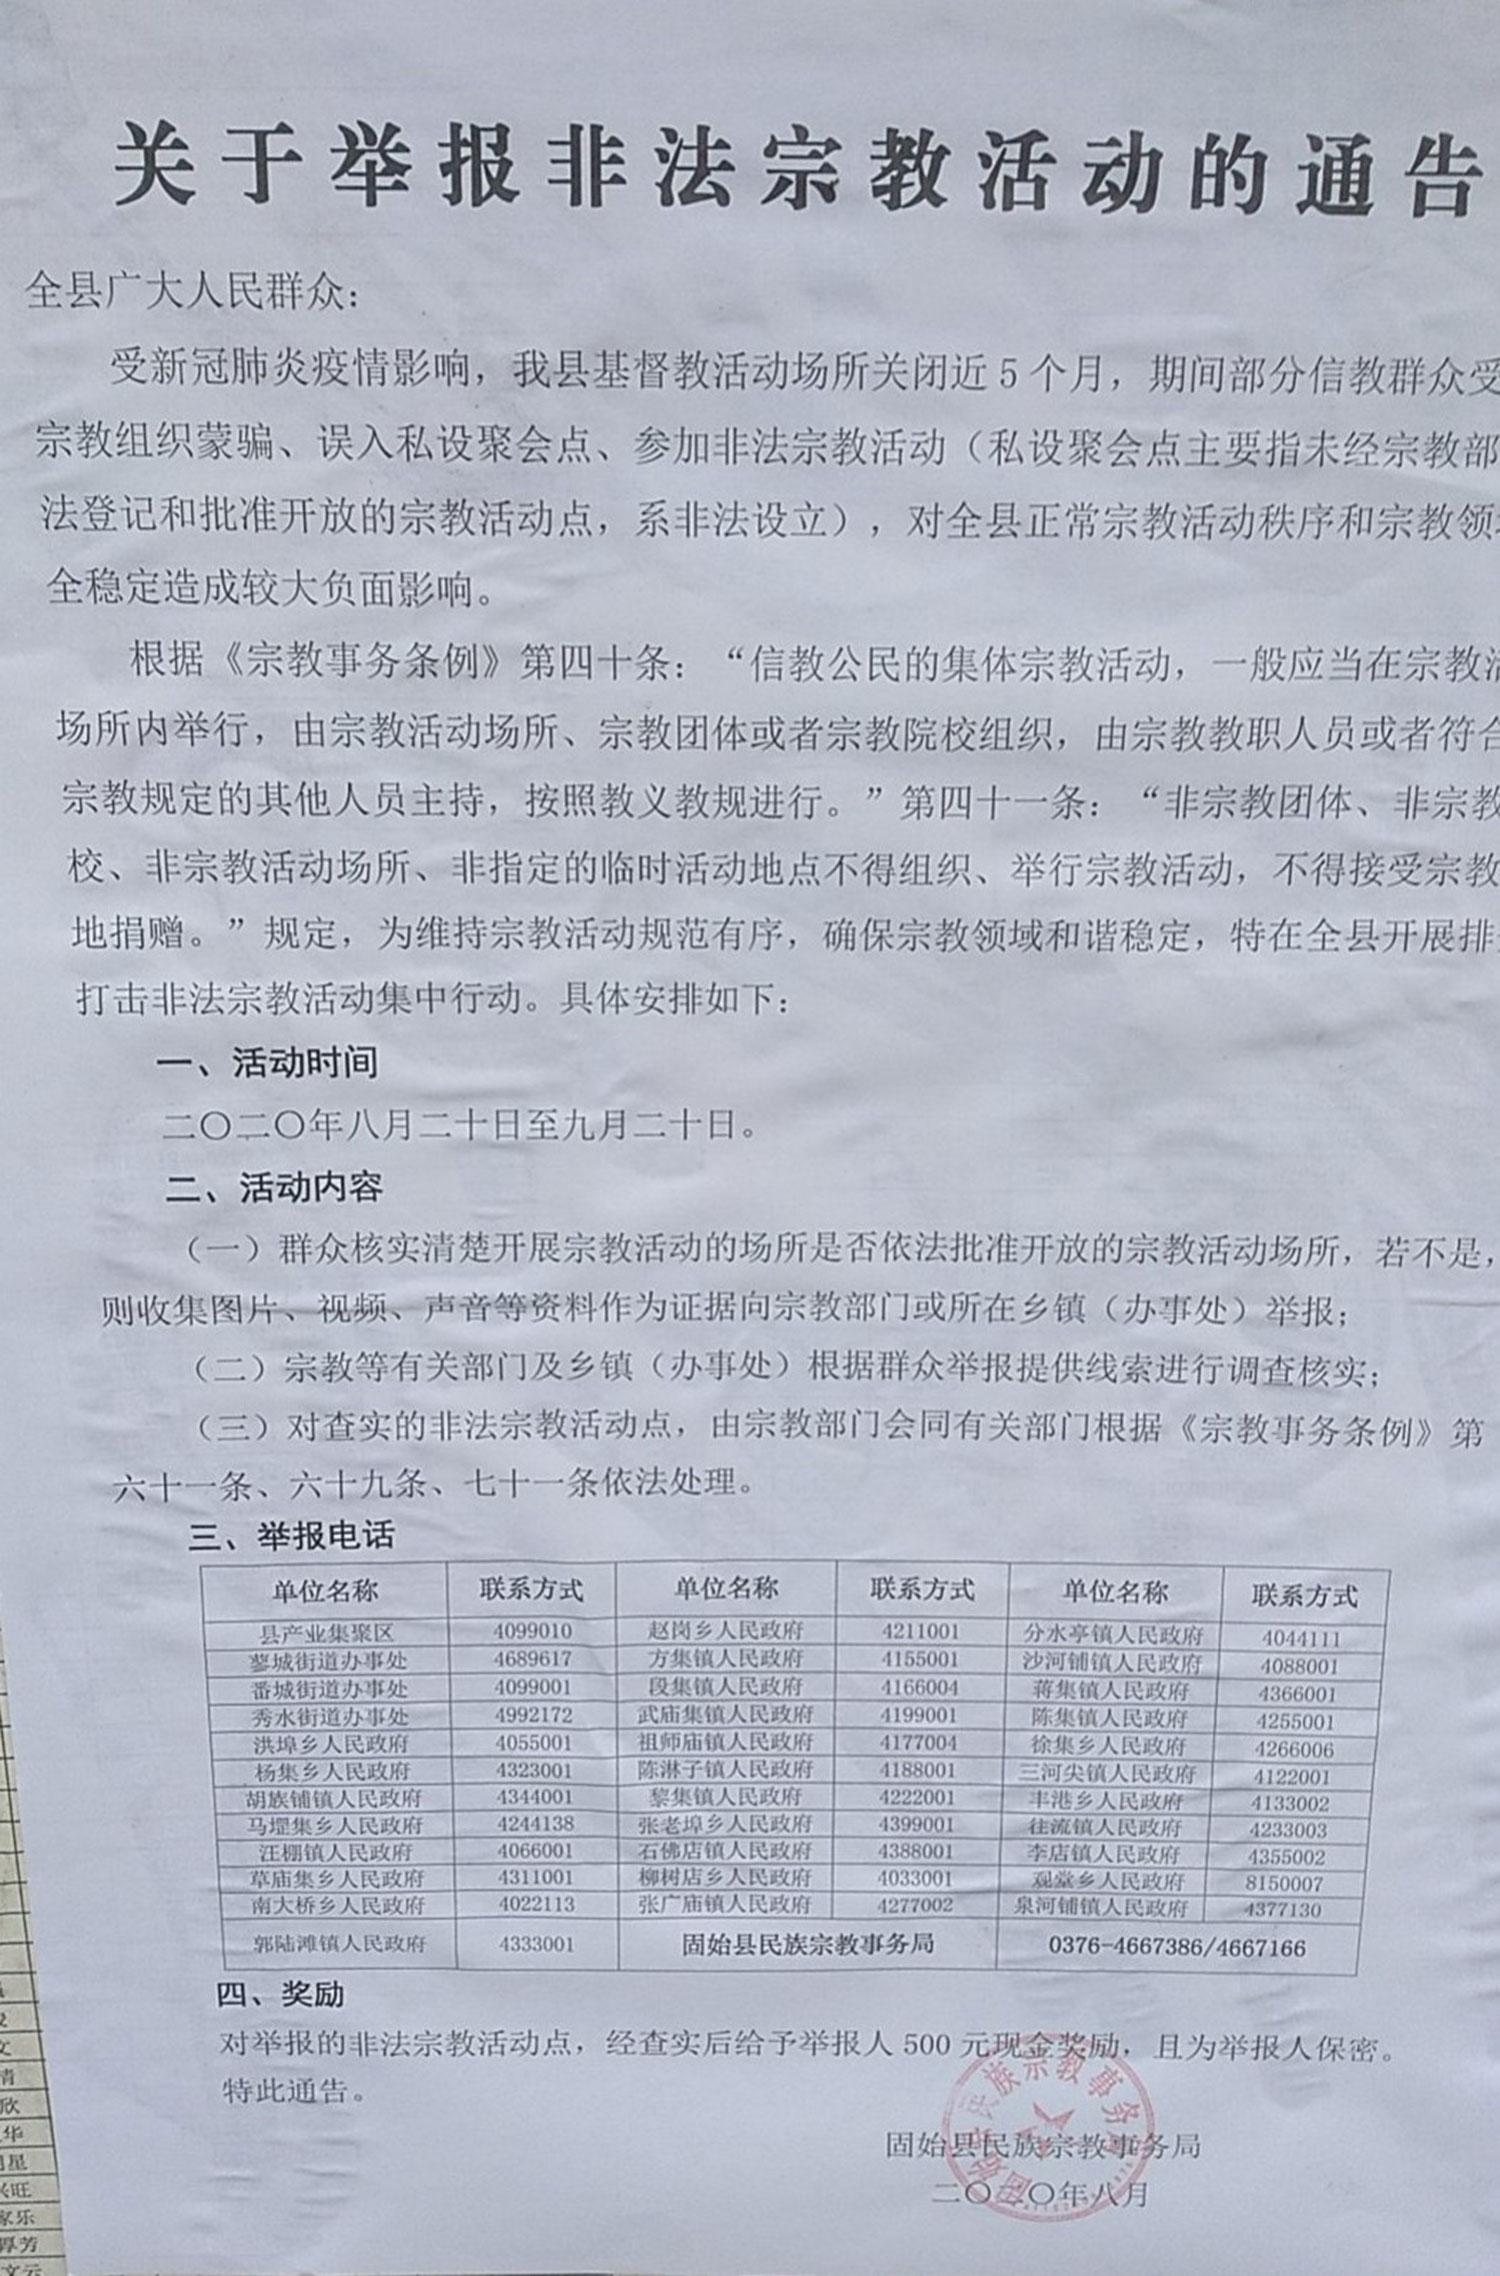 今年8月份,河南固始县民总局发悬赏通告,奖励高密者。(网络图片/乔龙提供)